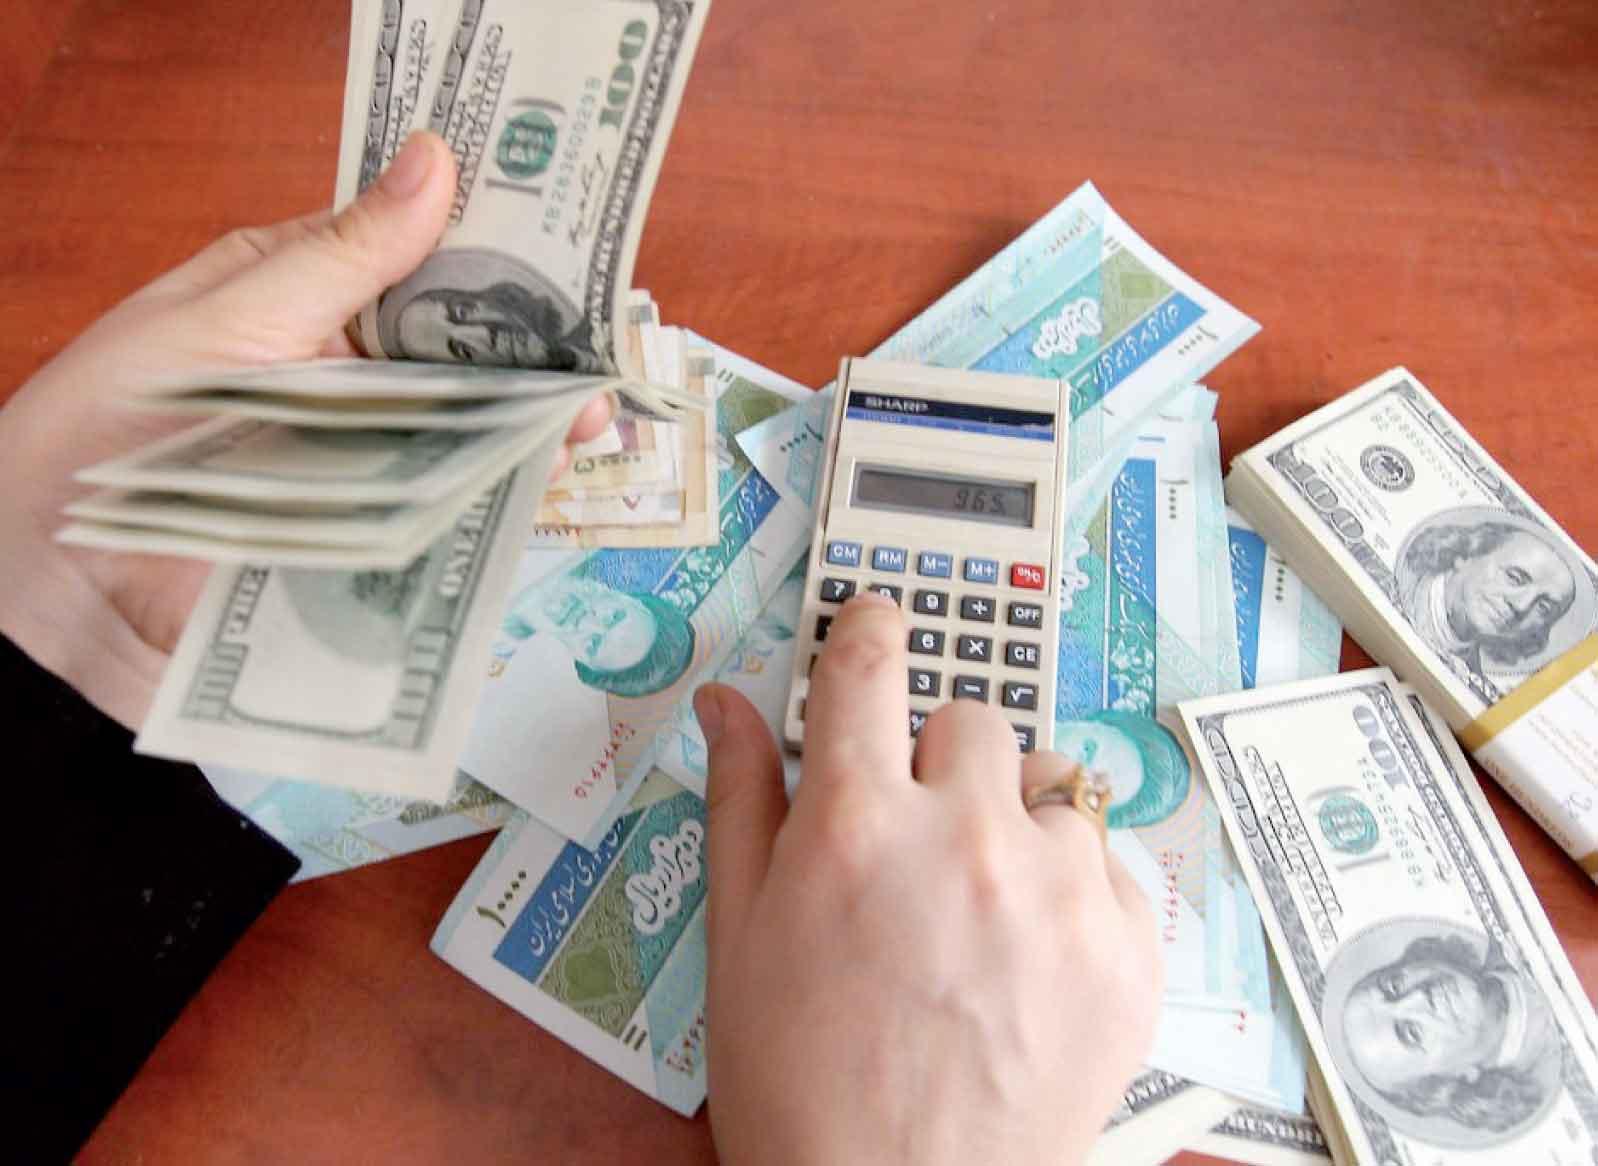 تاثیر حذف ارز مرجع و افزایش سود بانکی بر بازار آزاد ( دنیای اقتصاد - خسرو یعقوبی )